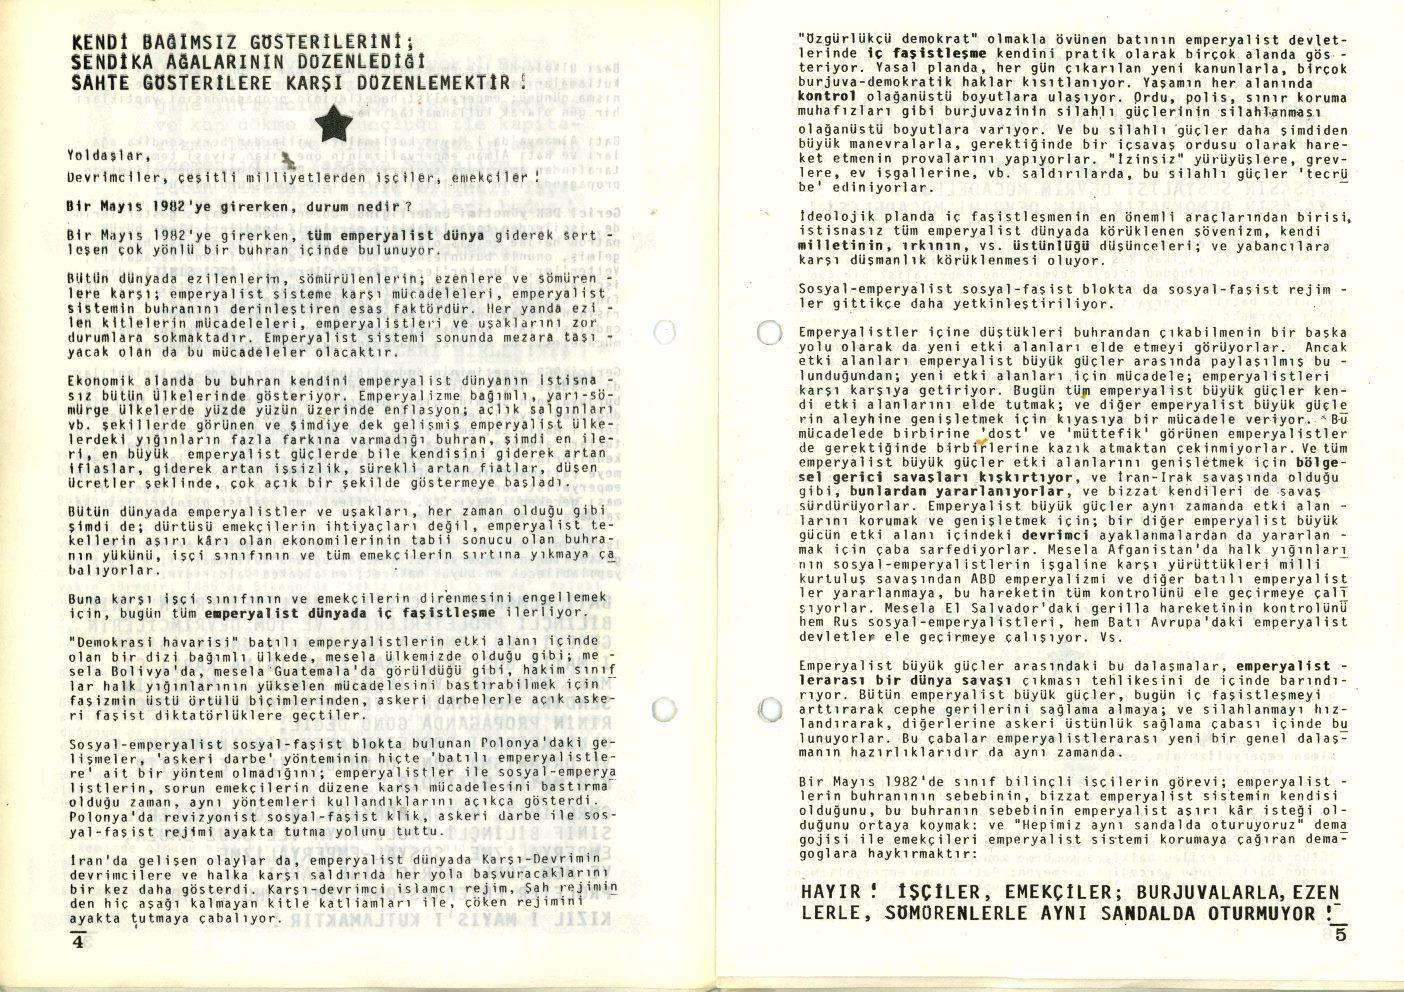 Tuerkei_Bolsevik_Partizan_Flugschriften_1982_02_03